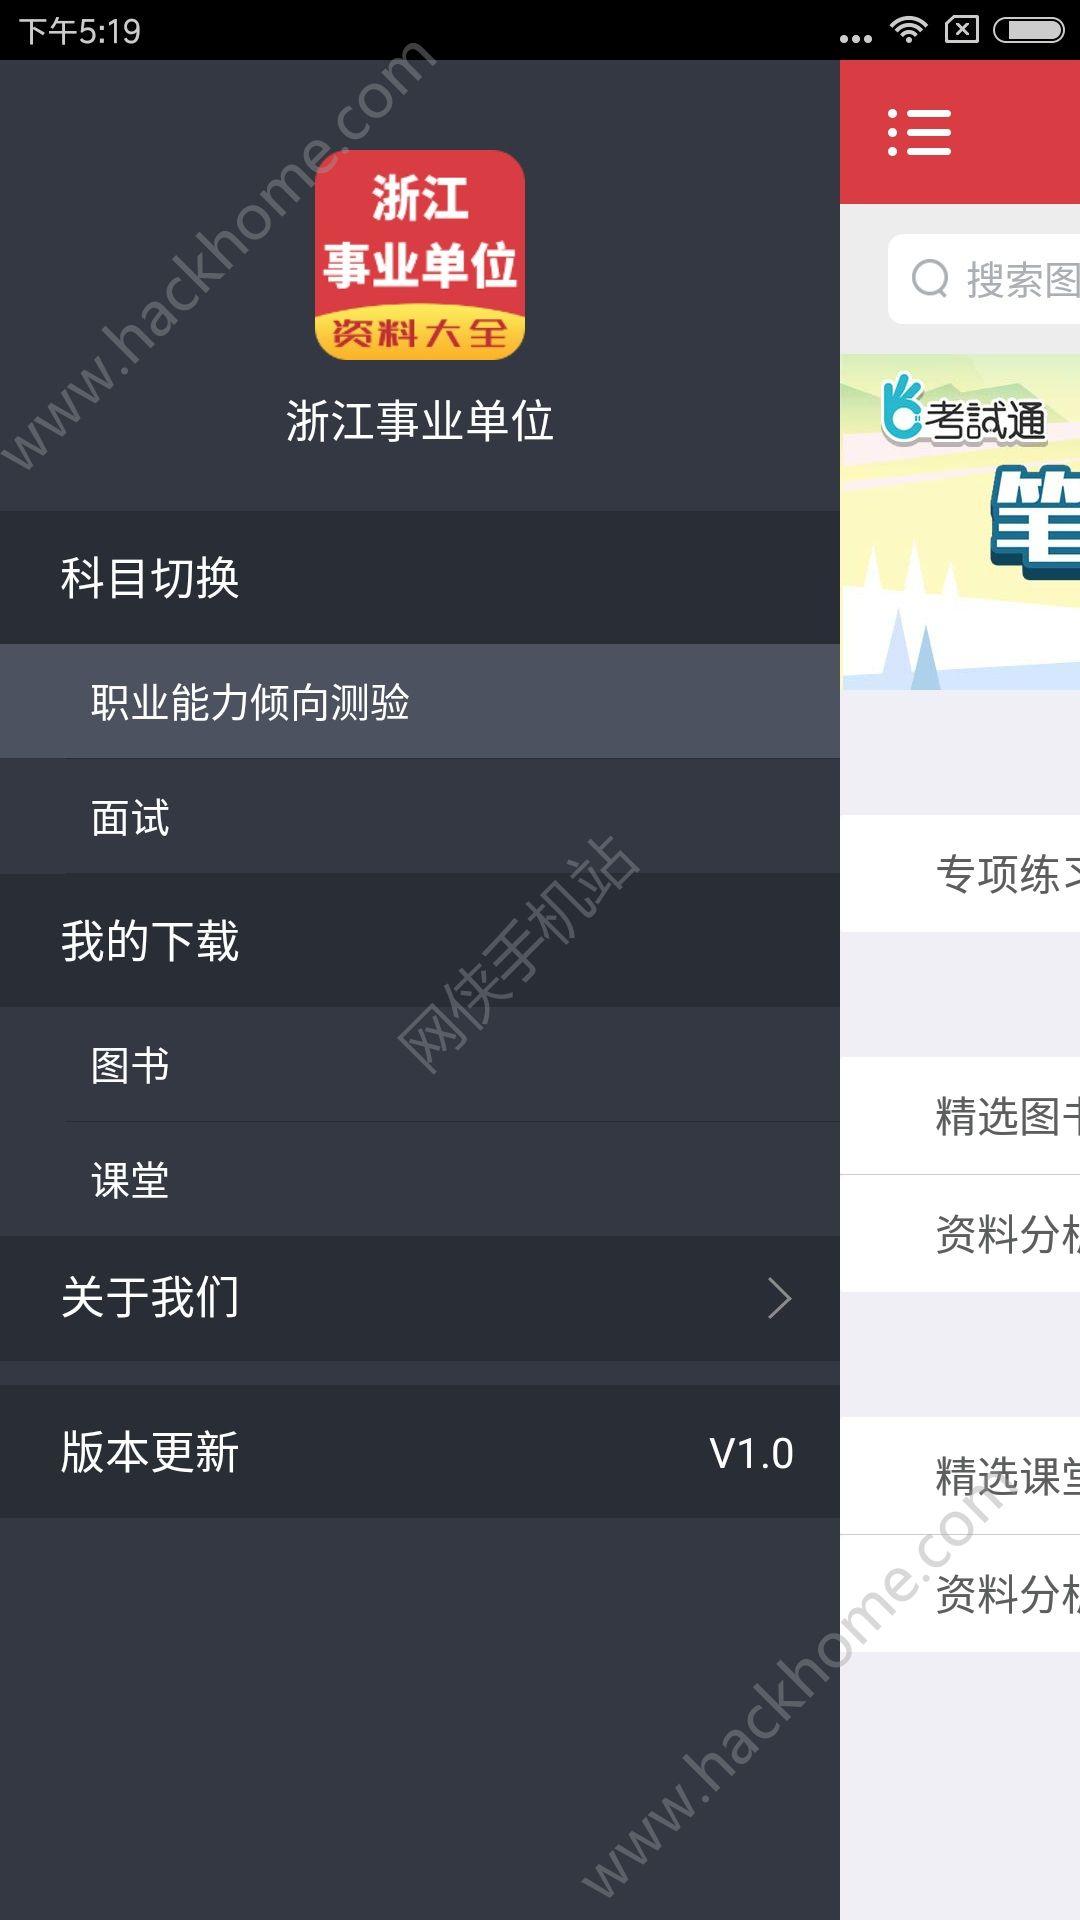 浙江事业单位app官网下载手机版图1: